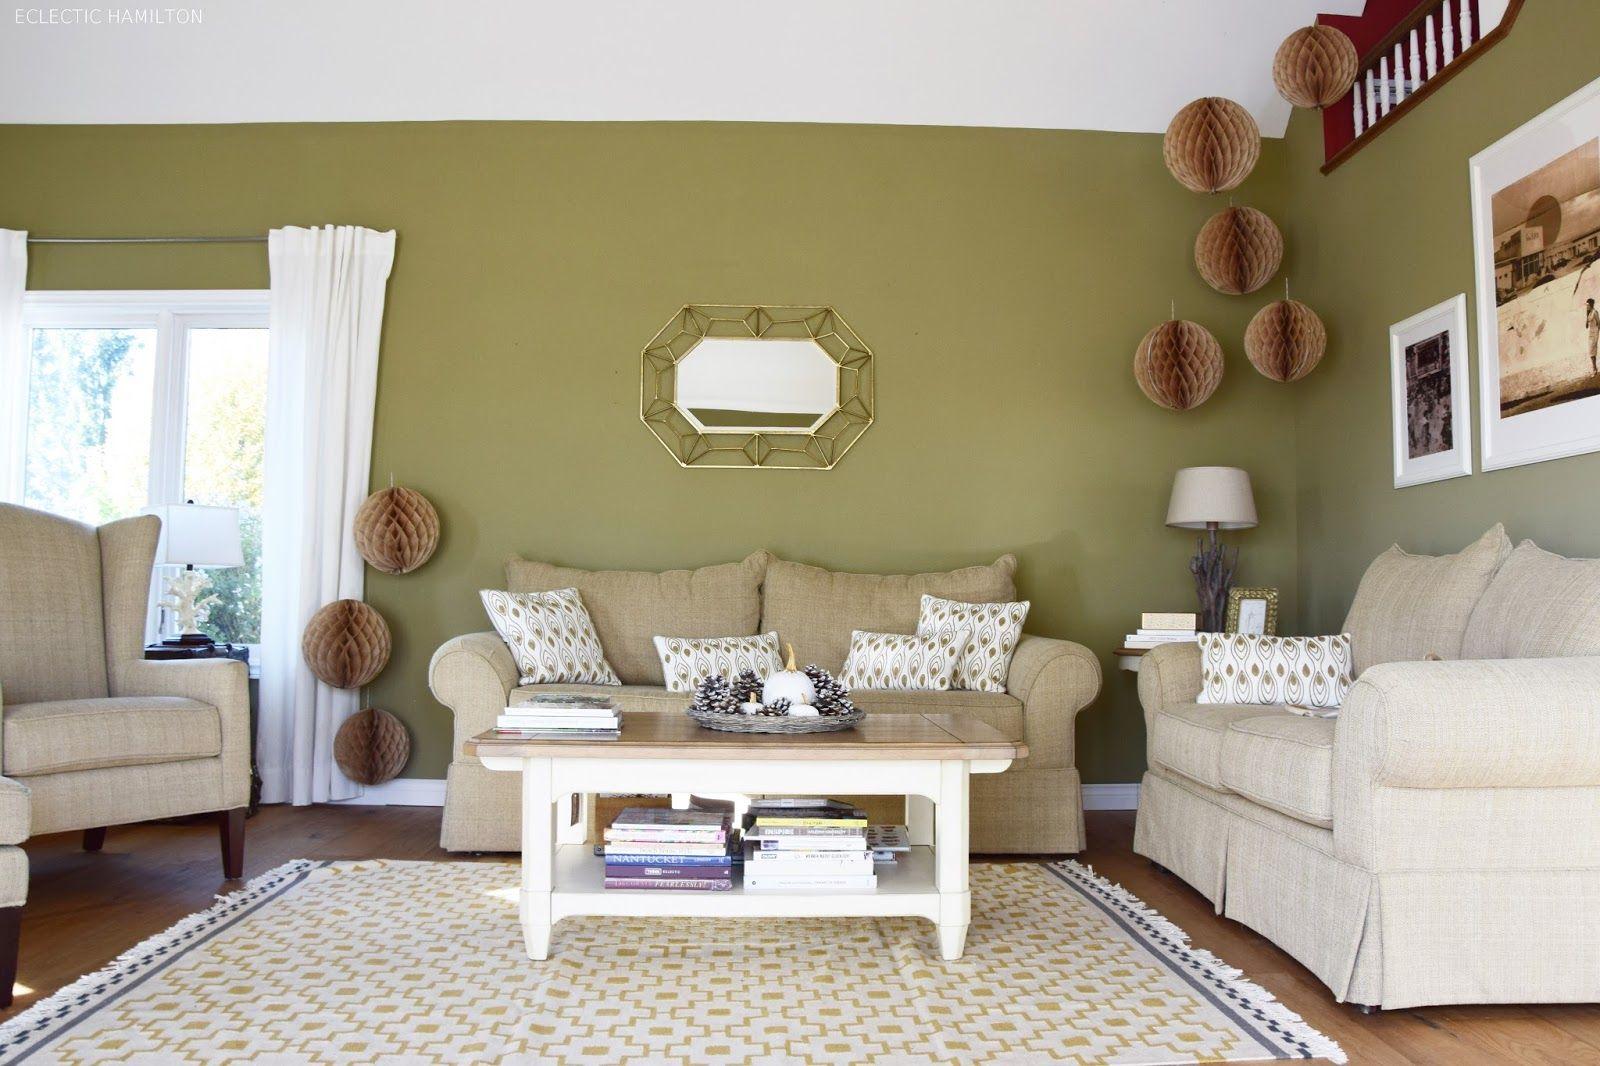 Neue Deko fürs Wohnzimmer - Mrs Greenery  Dekoration wohnzimmer